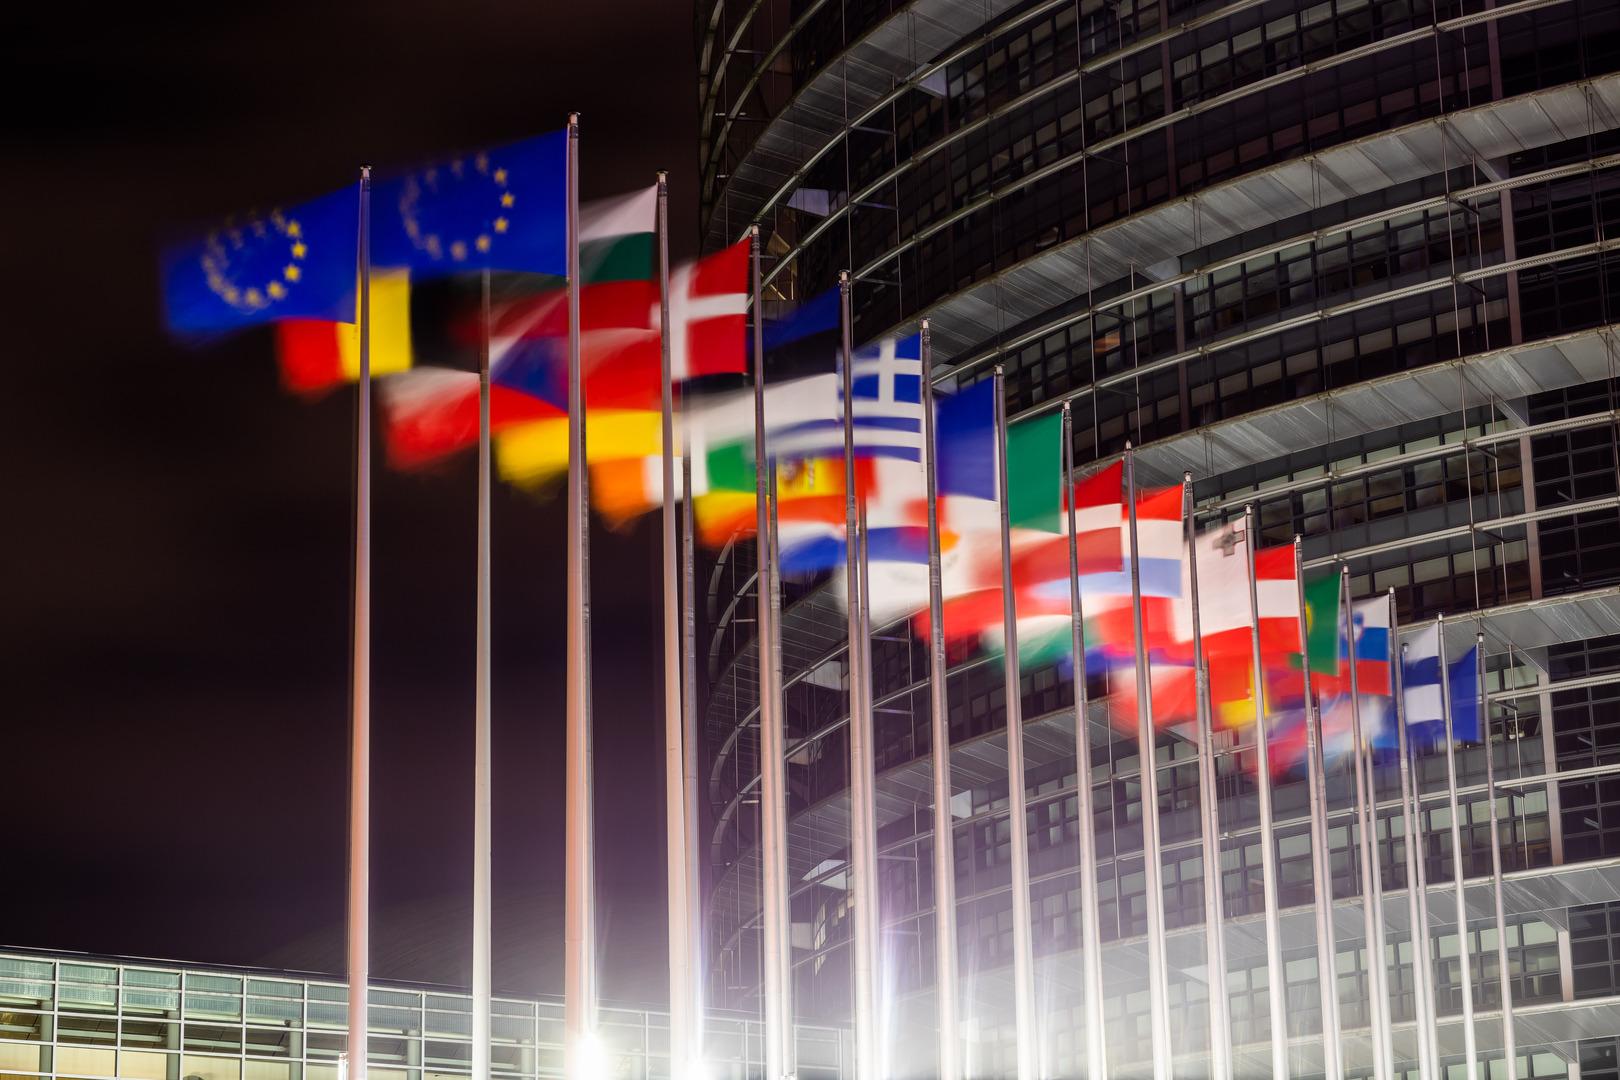 مصادر: قمة الاتحاد الأوروبي ستمدد العقوبات ضد روسيا